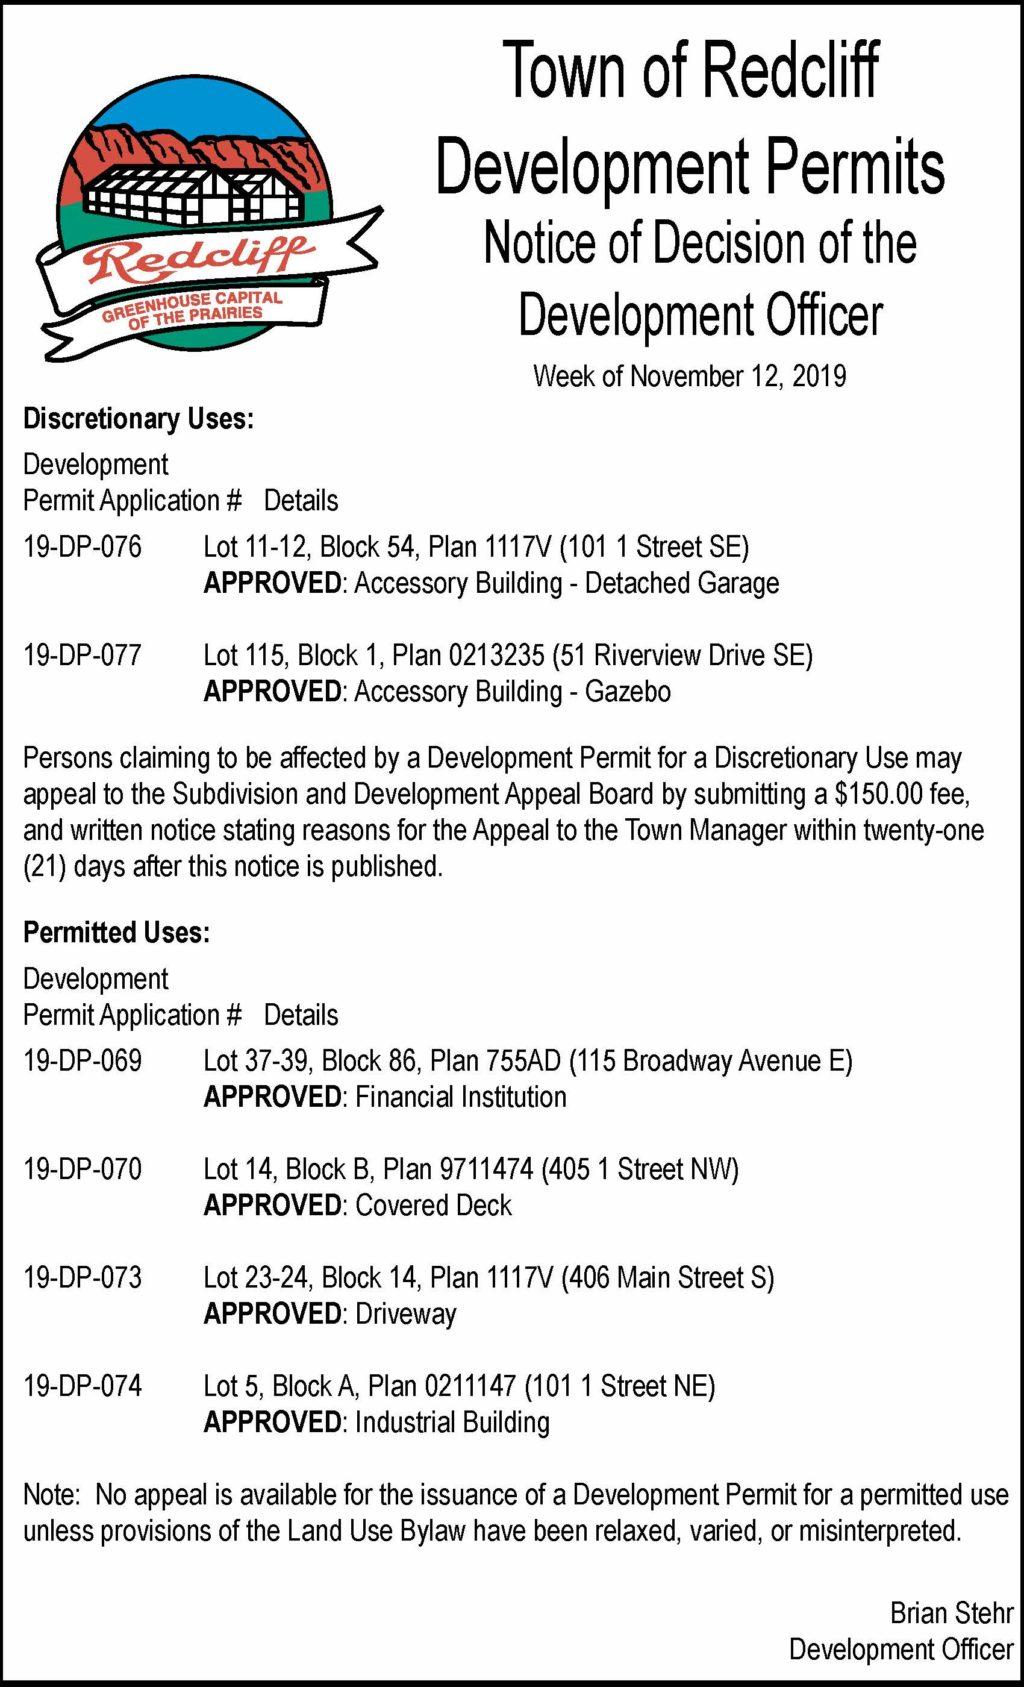 Wk of Nov. 12, 2019